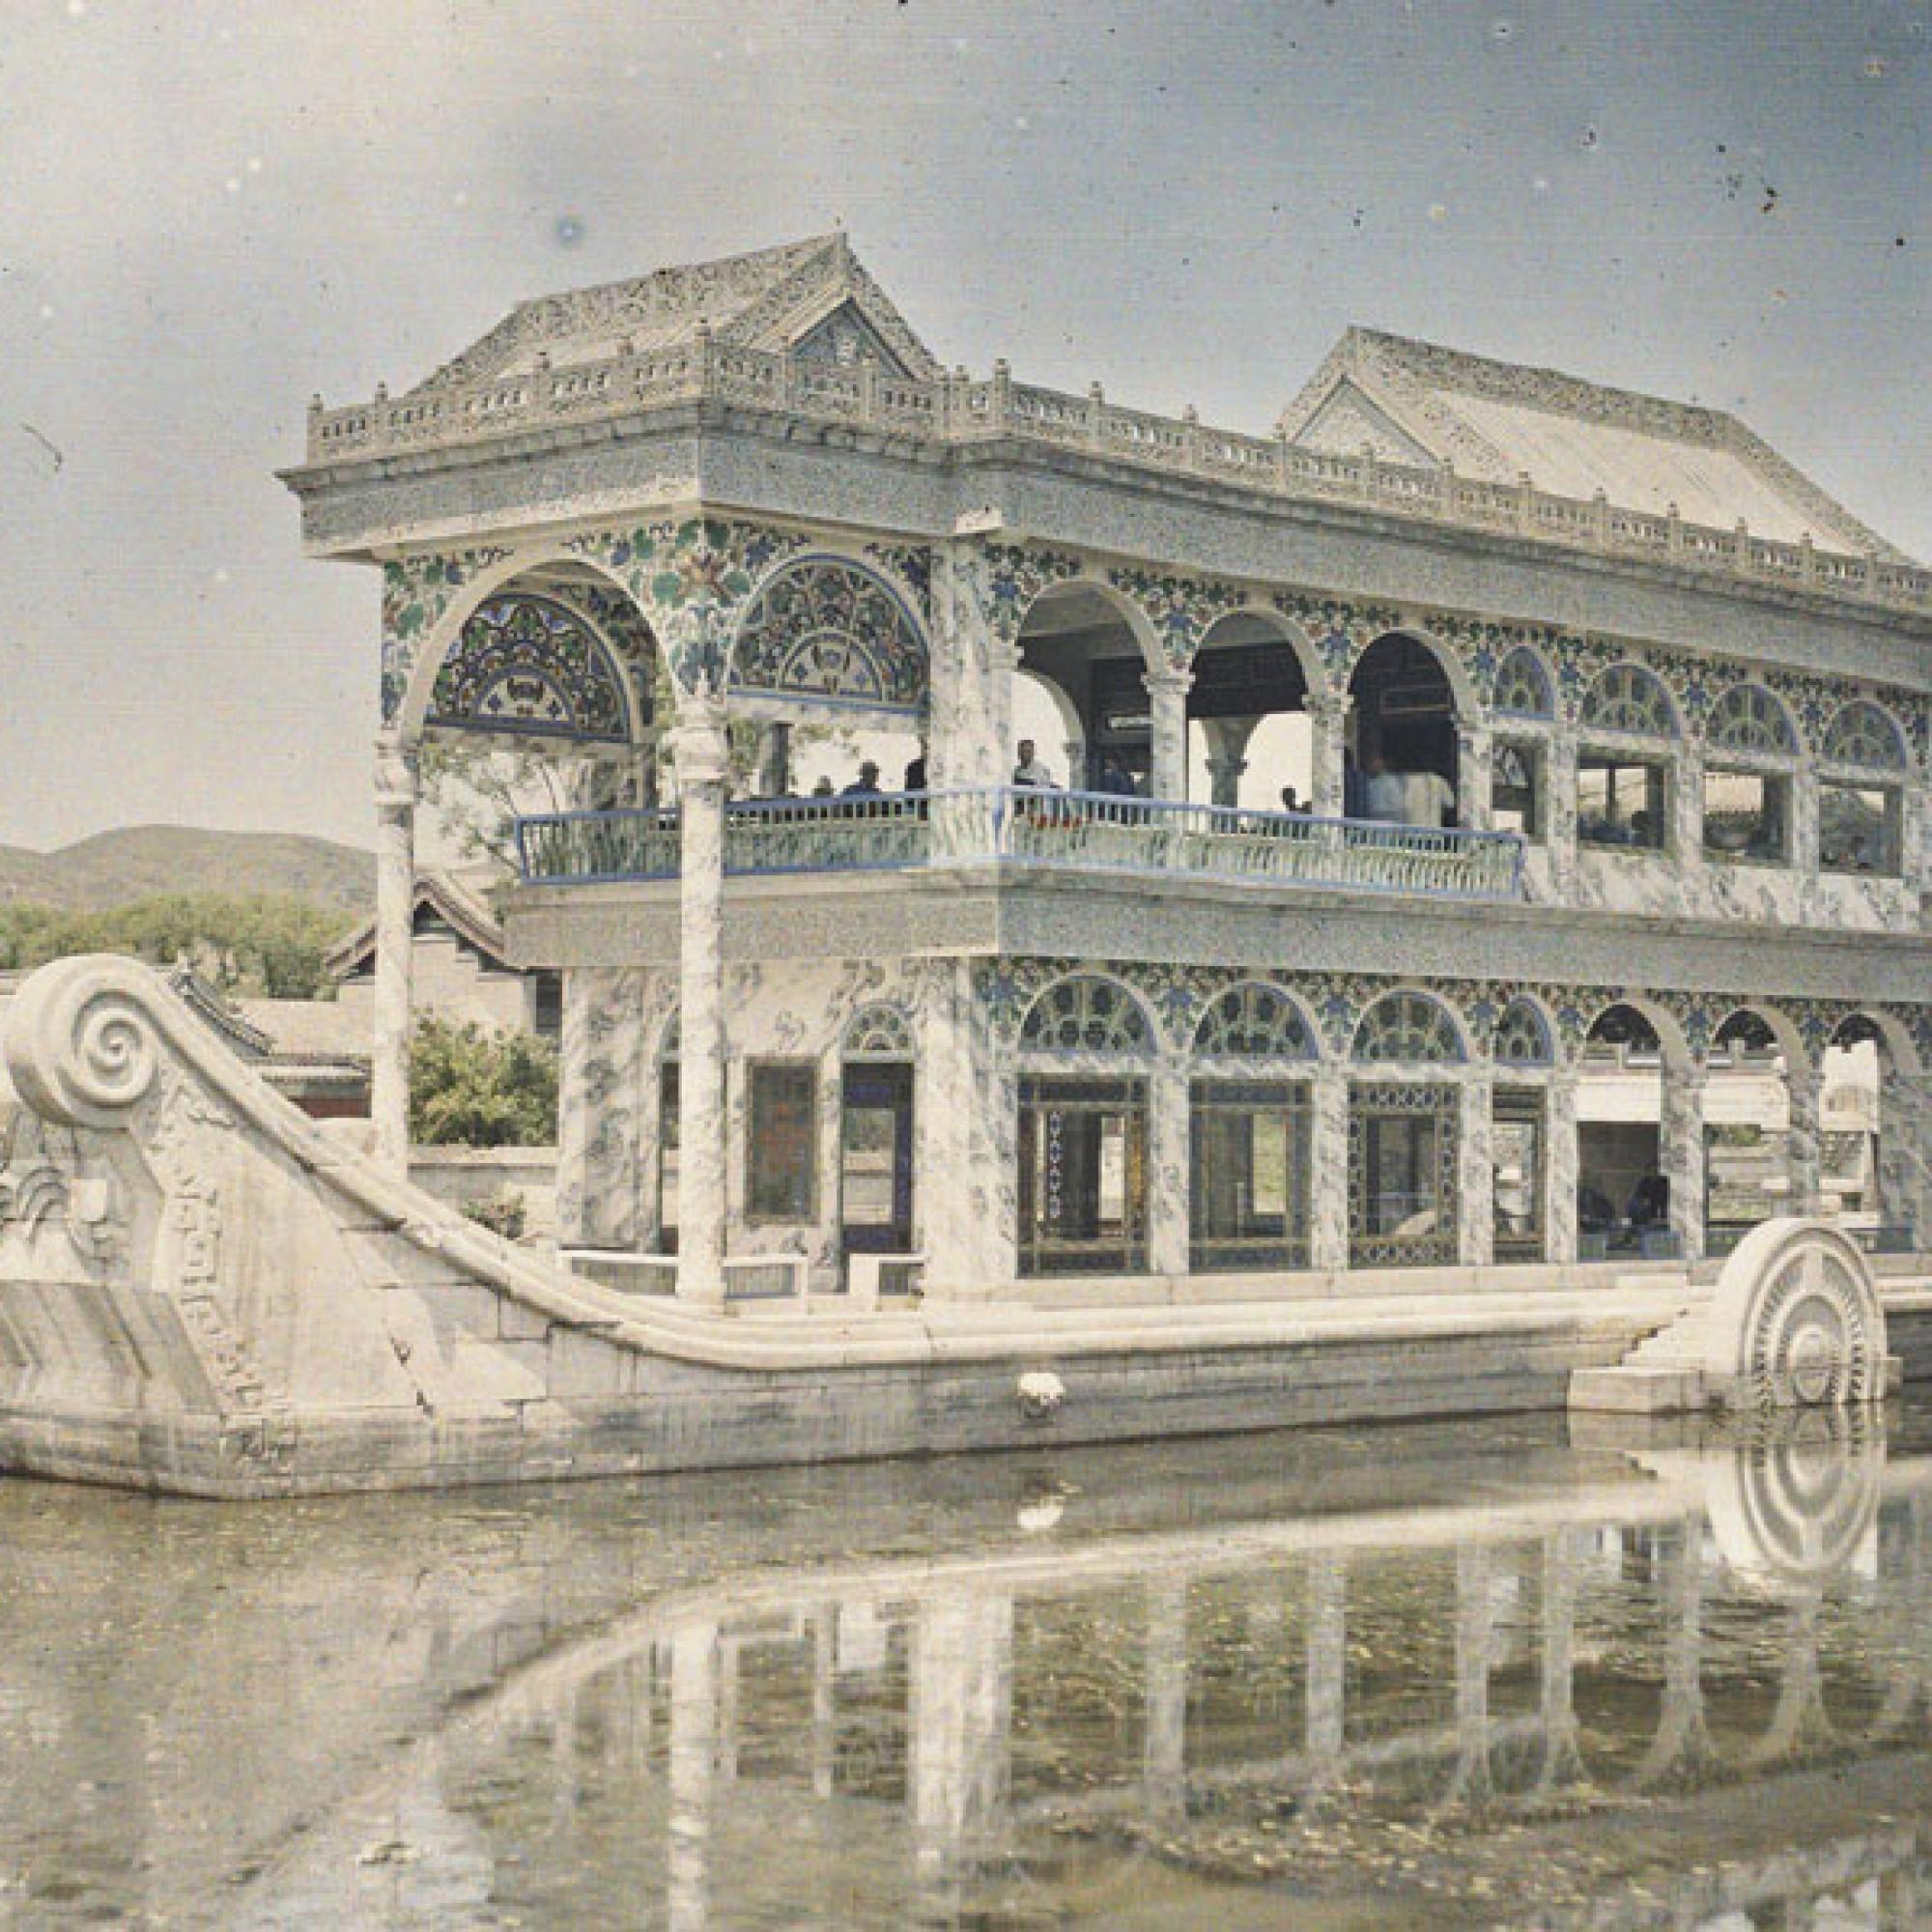 Stéphane Passet, China, Peking, Yiheyuan, Garten der Harmonie, Marmornes Schiff Quinyanfang (Schiff der Heiterkeit), 29. Juni 1912.  (Musée Albert-Kahn, Département des Hauts-de-Seine)